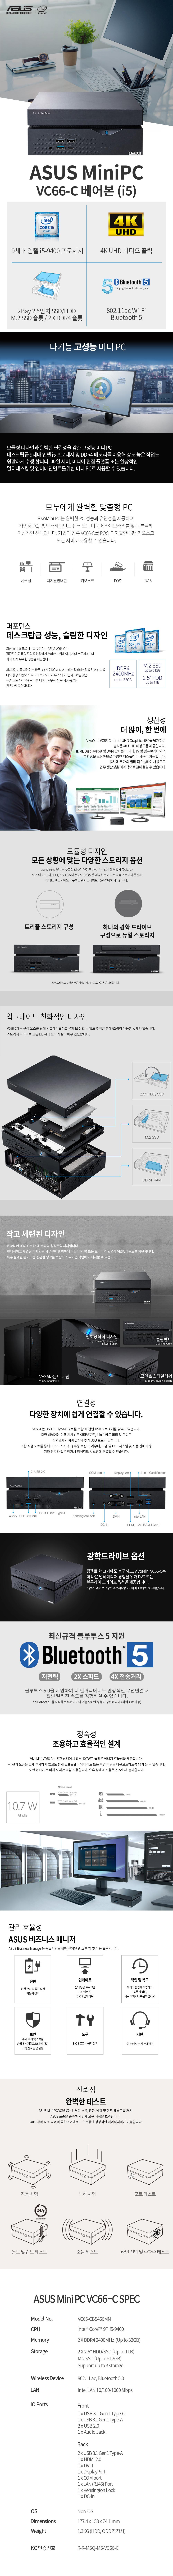 ASUS VivoMini VC66-C i5-9400 M2 (16GB, M2 256GB)